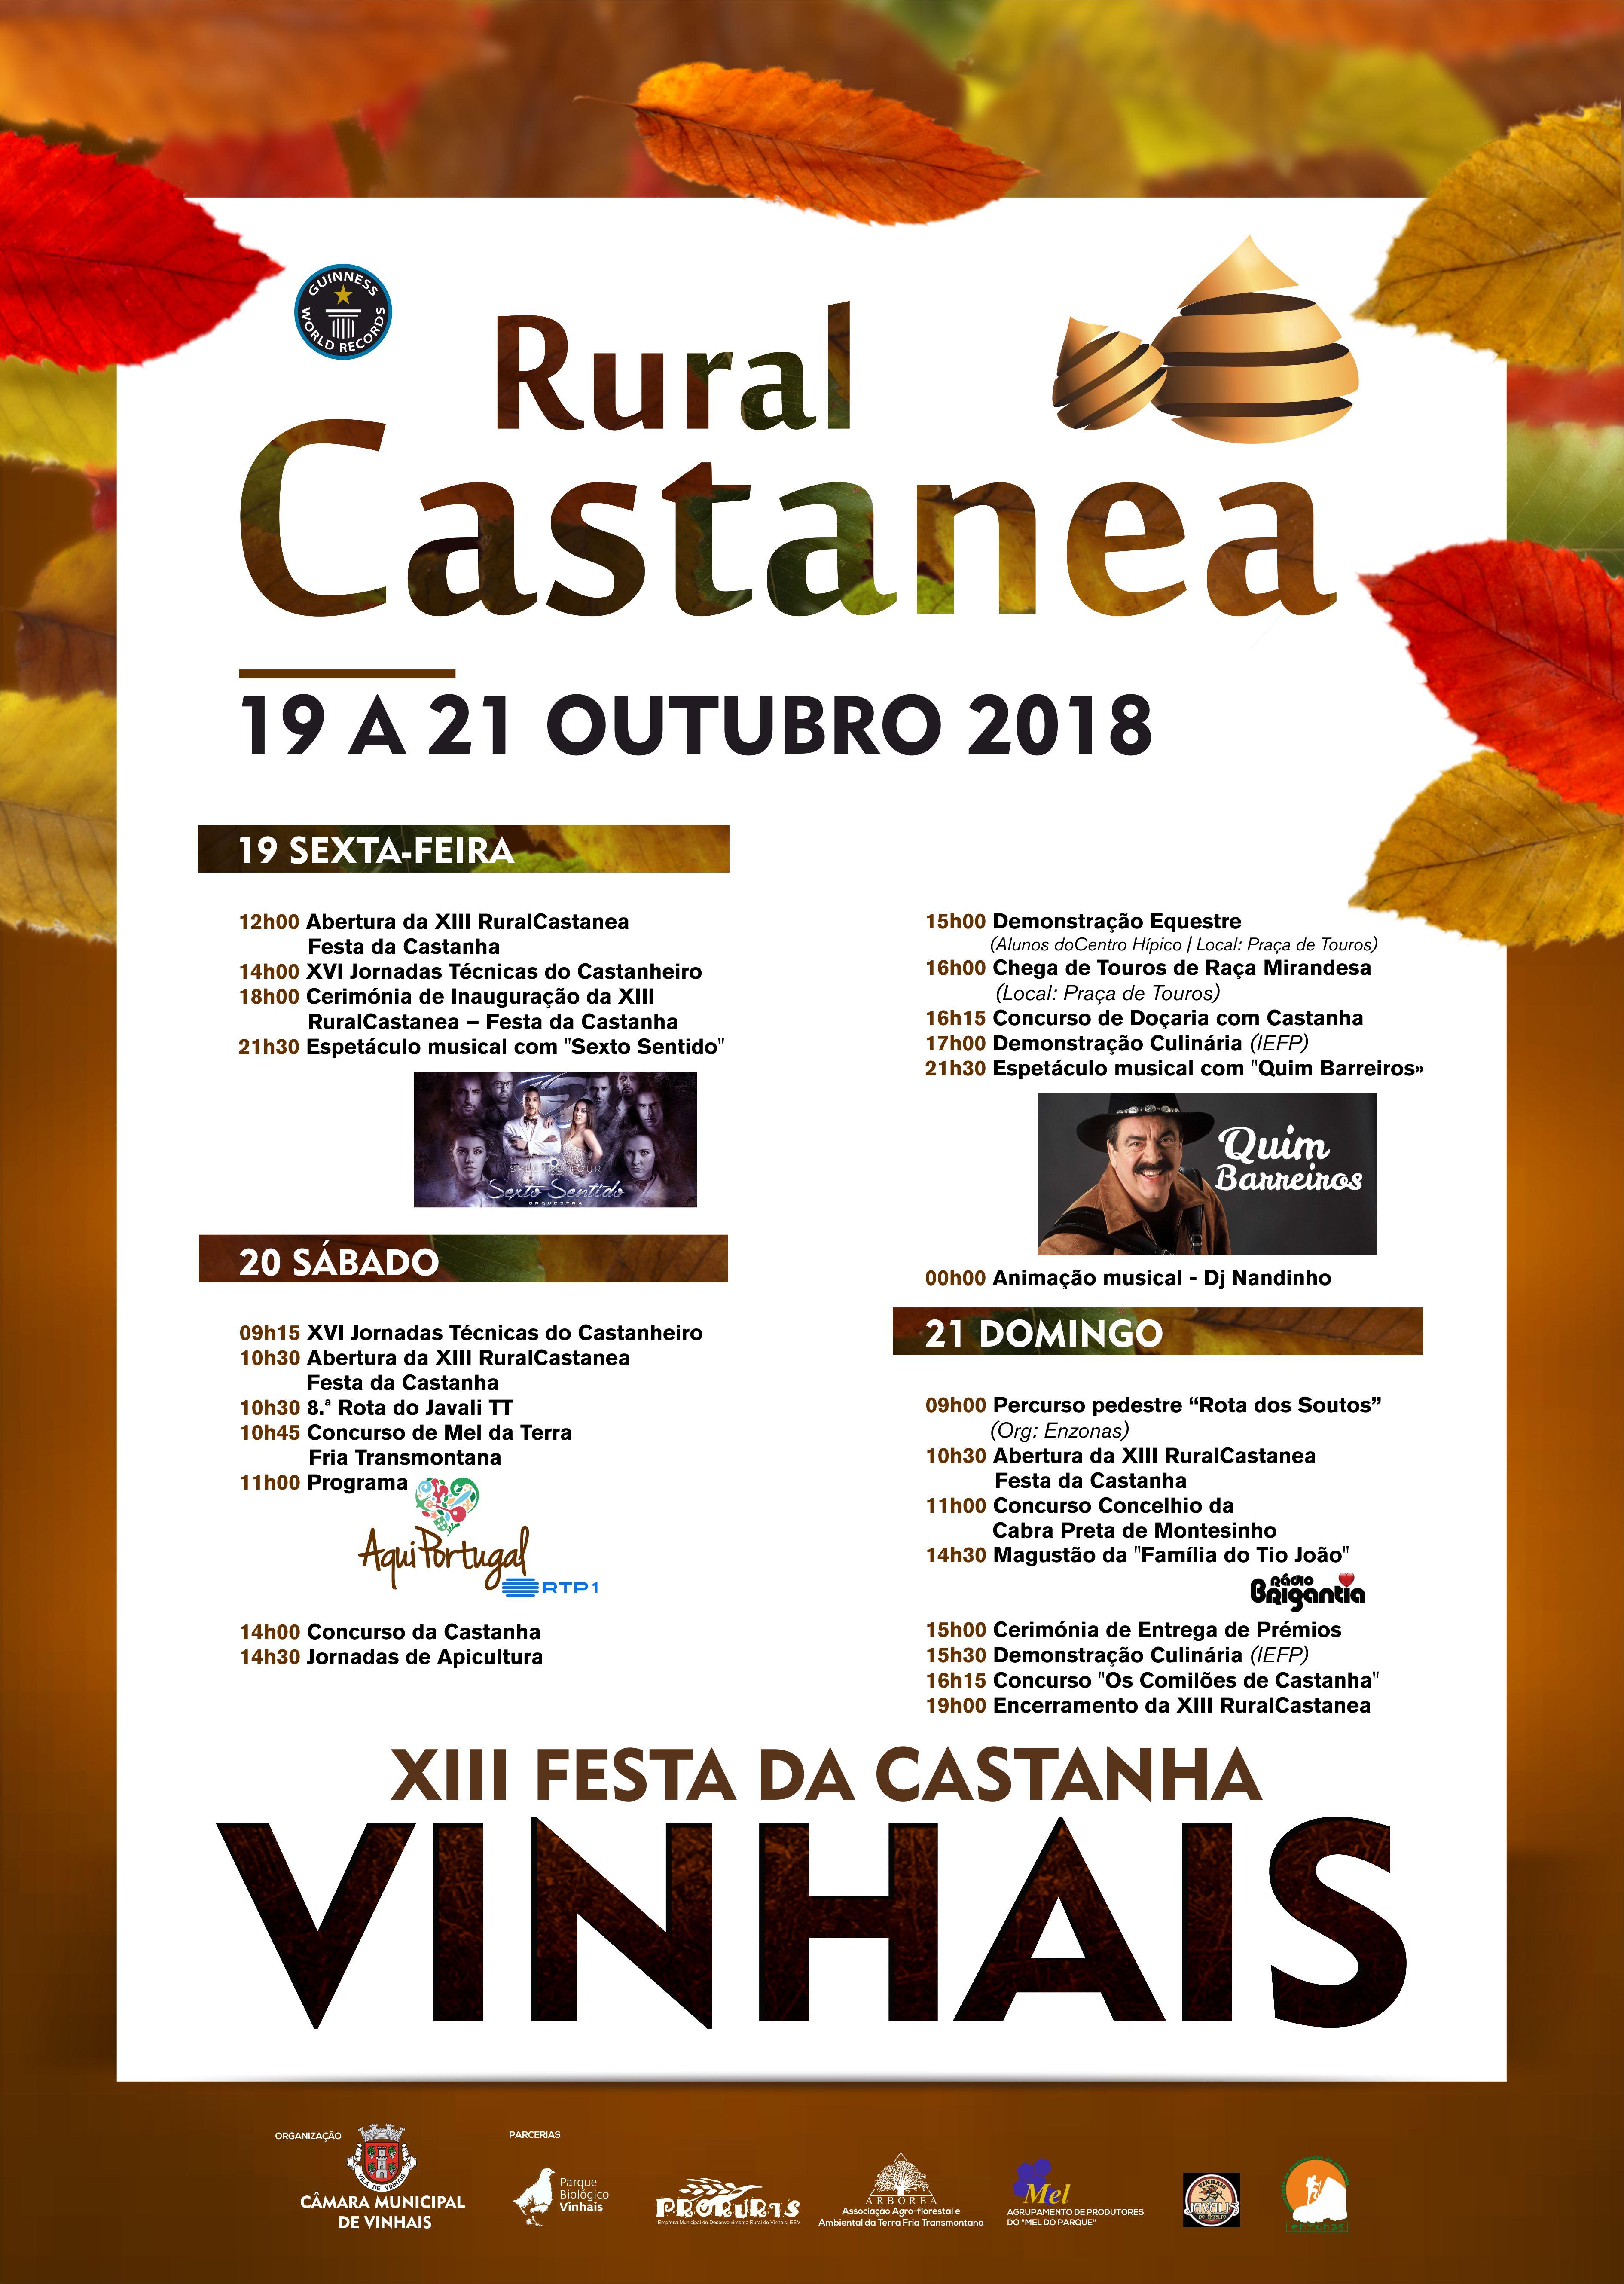 Rural Castanea - programa 2018